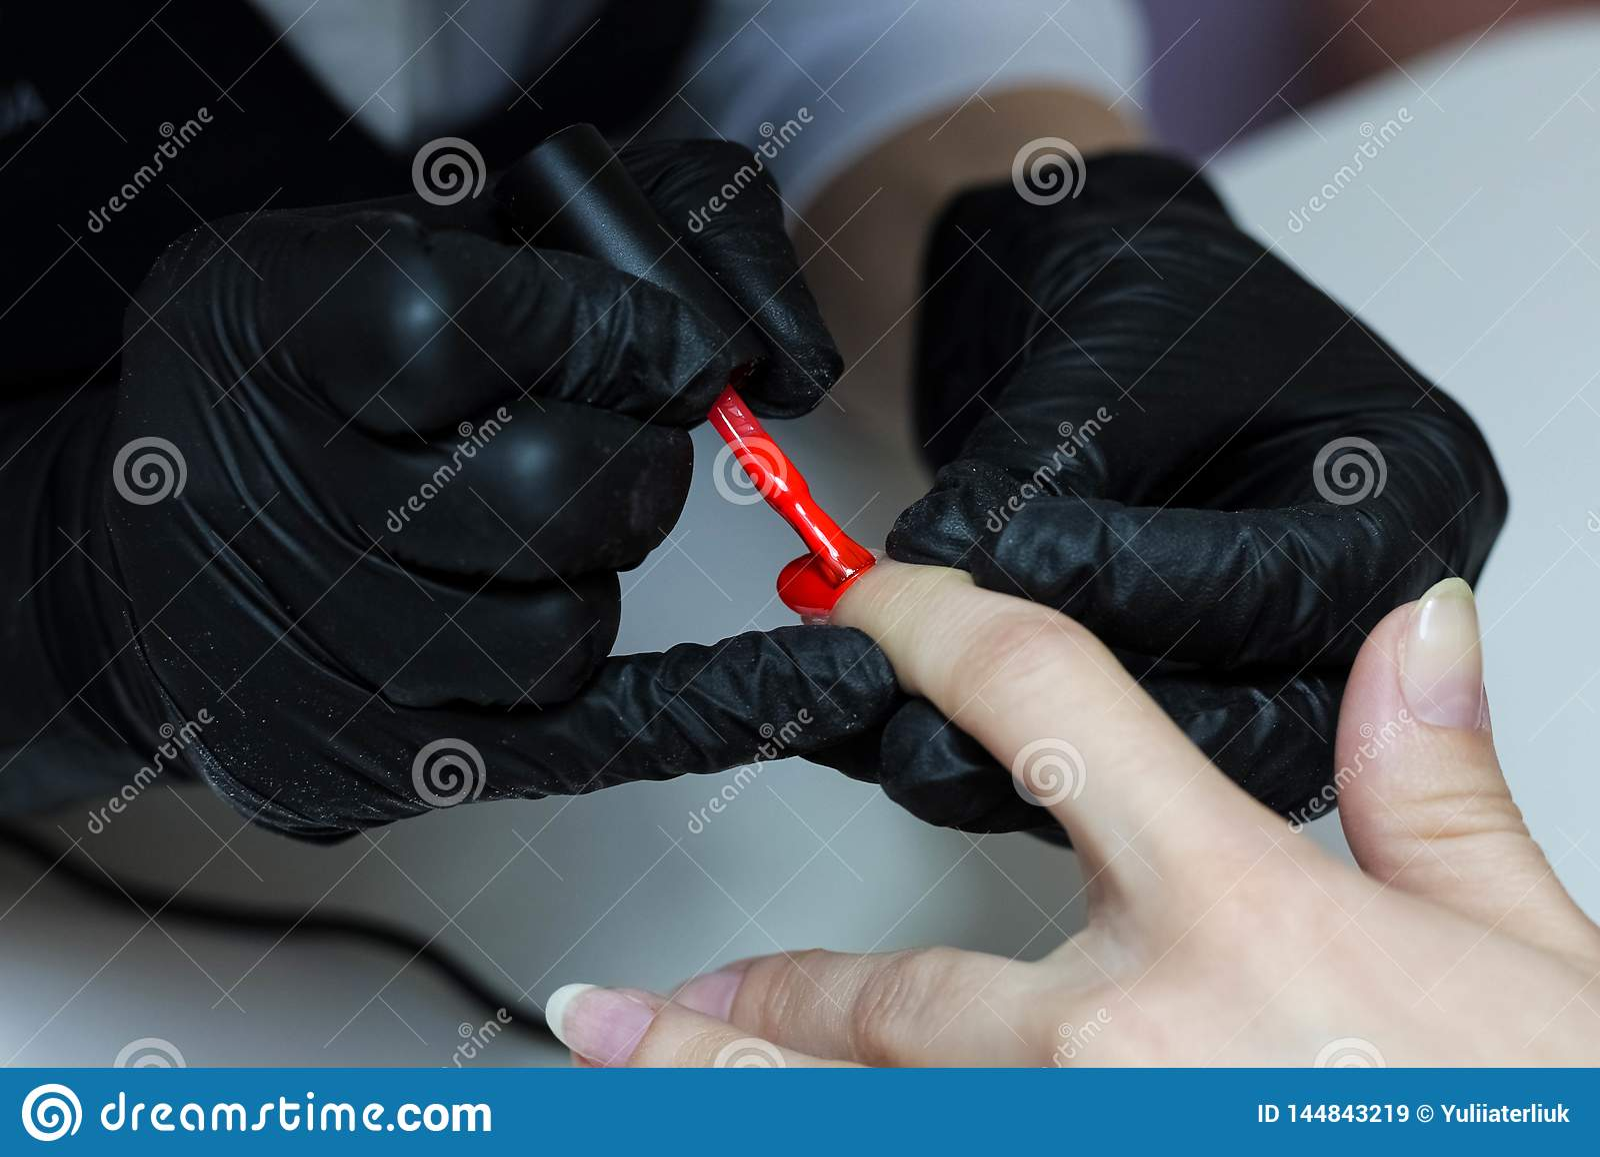 Especialista do tratamento de m?os em cuidados pretos das luvas sobre pregos das m?os O manicuro pinta pregos com verniz para as